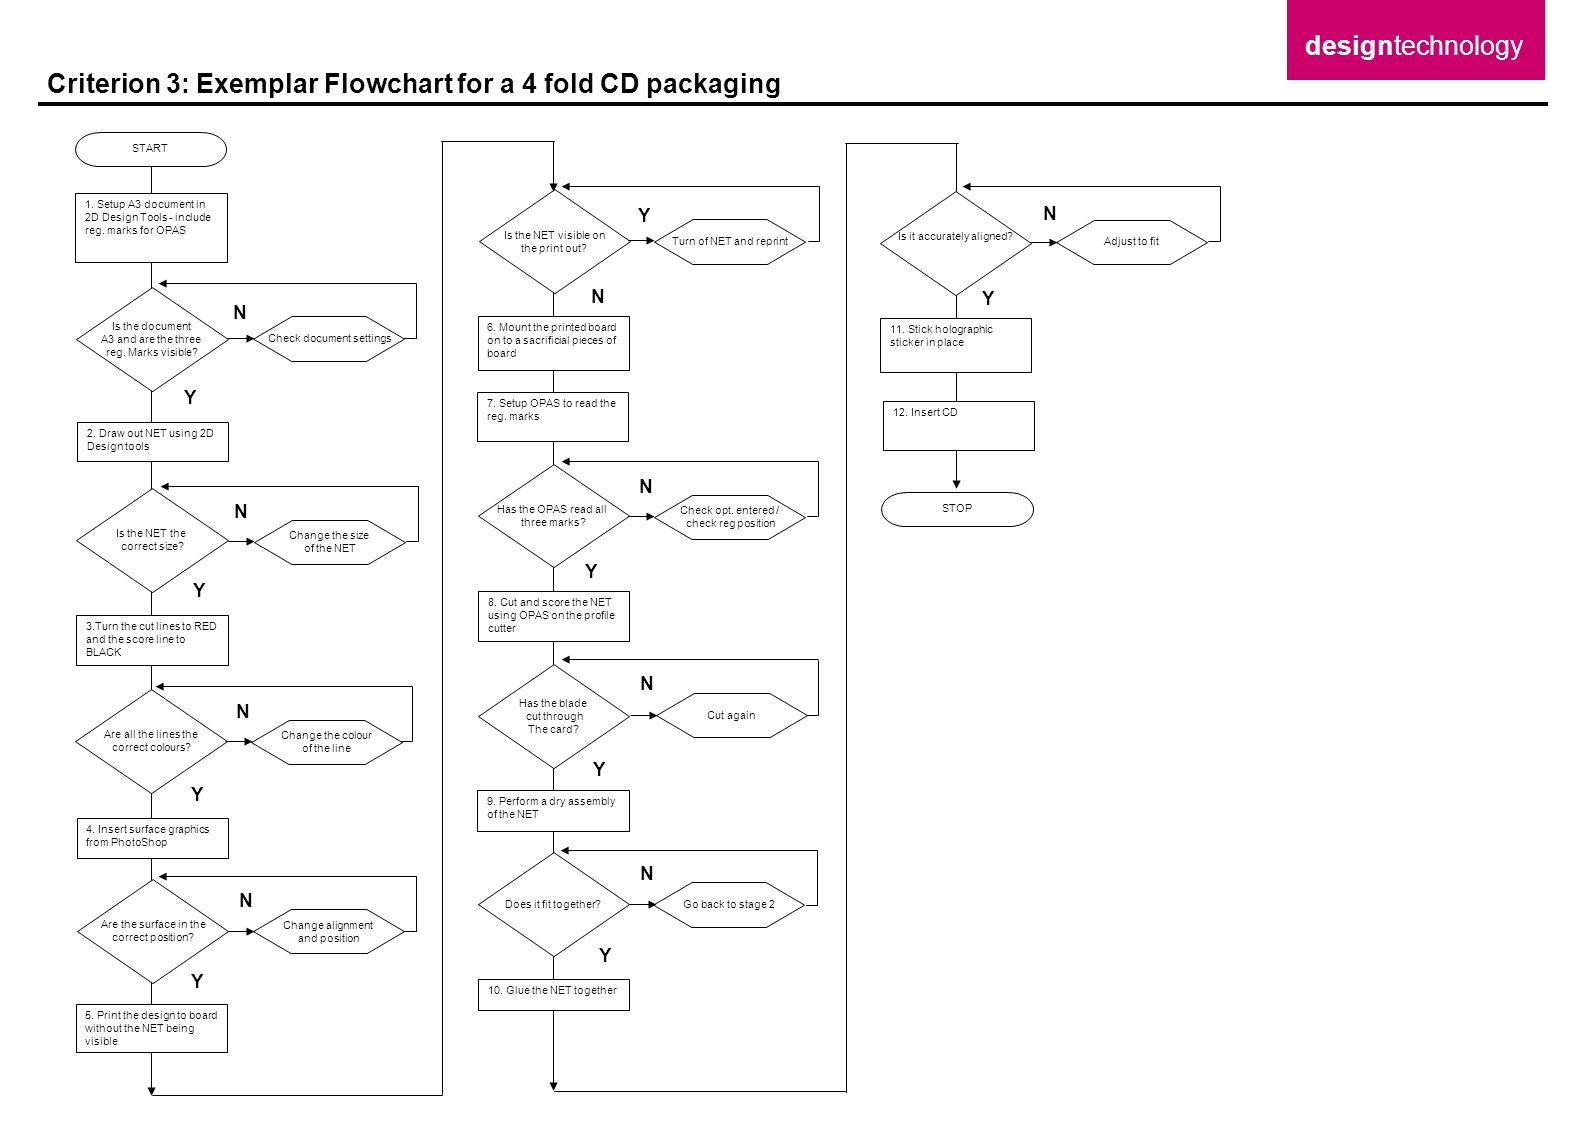 Criterion 3: Exemplar Flowchart for a 4 fold CD packaging